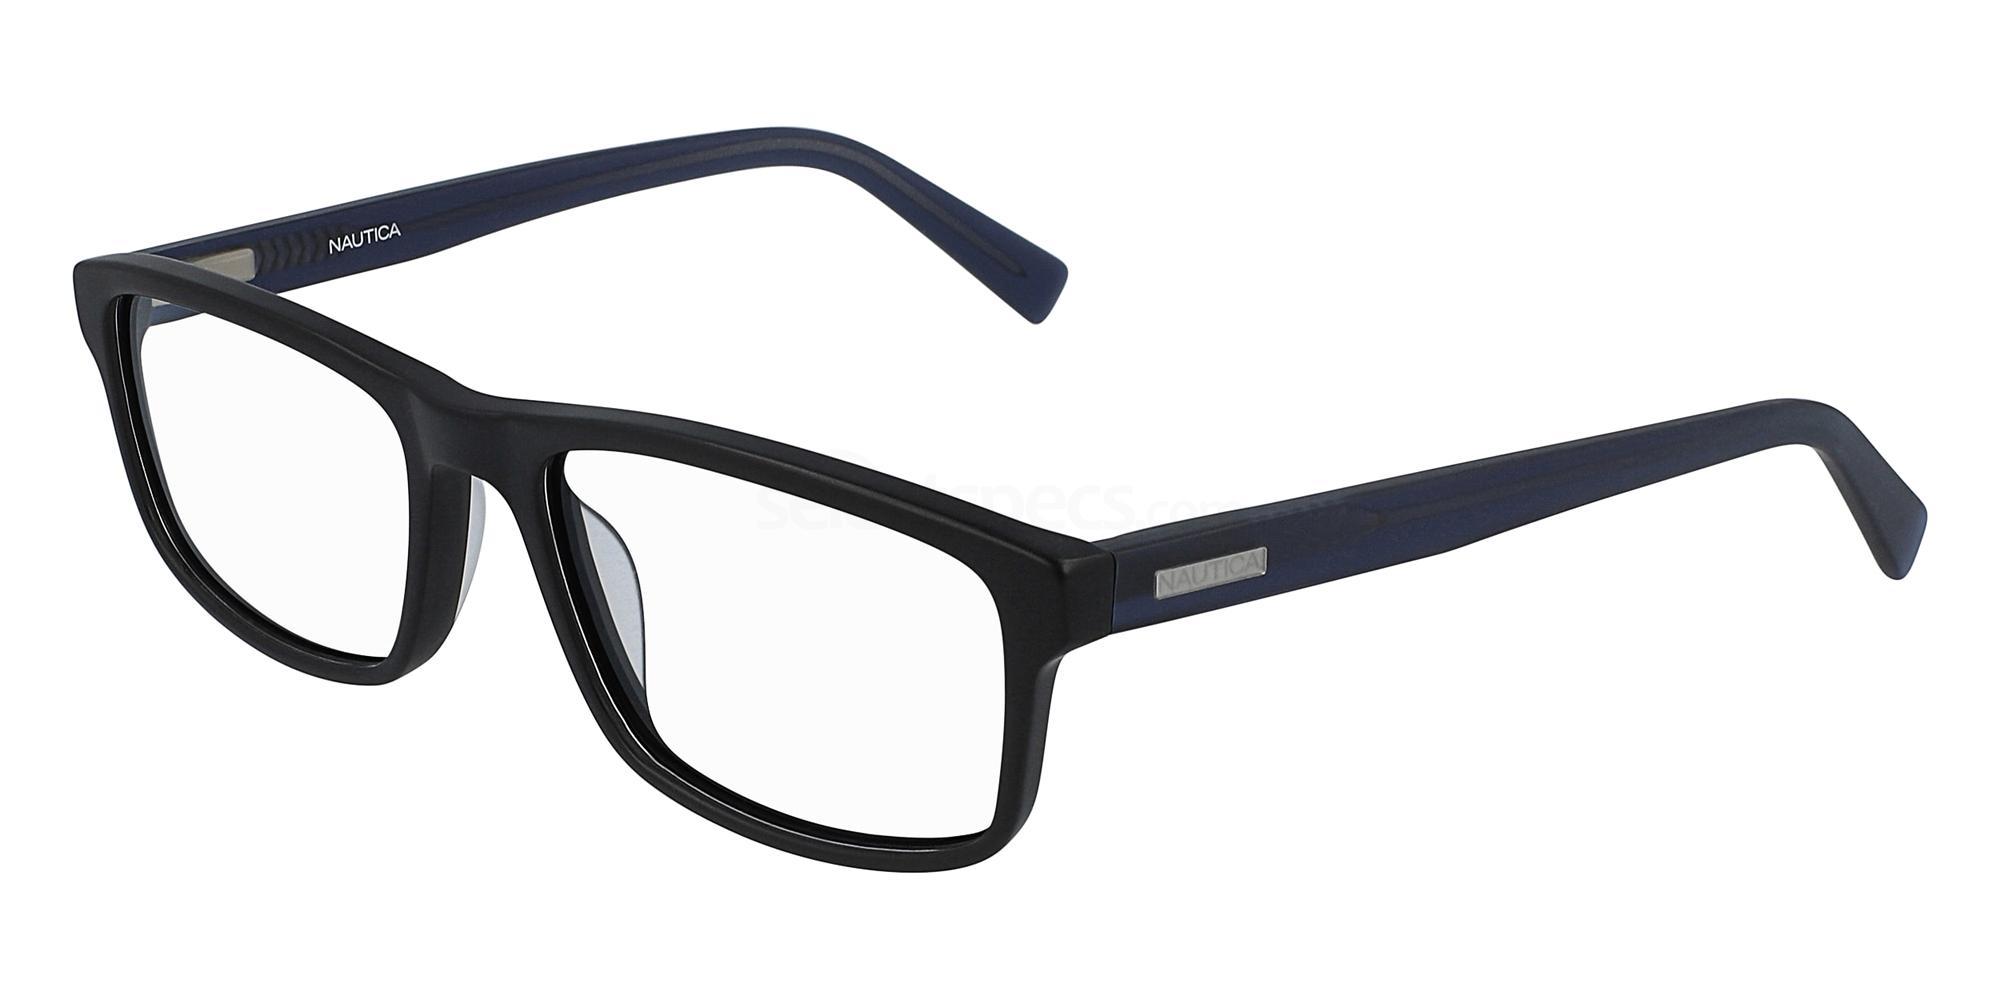 001 N8155 Glasses, Nautica